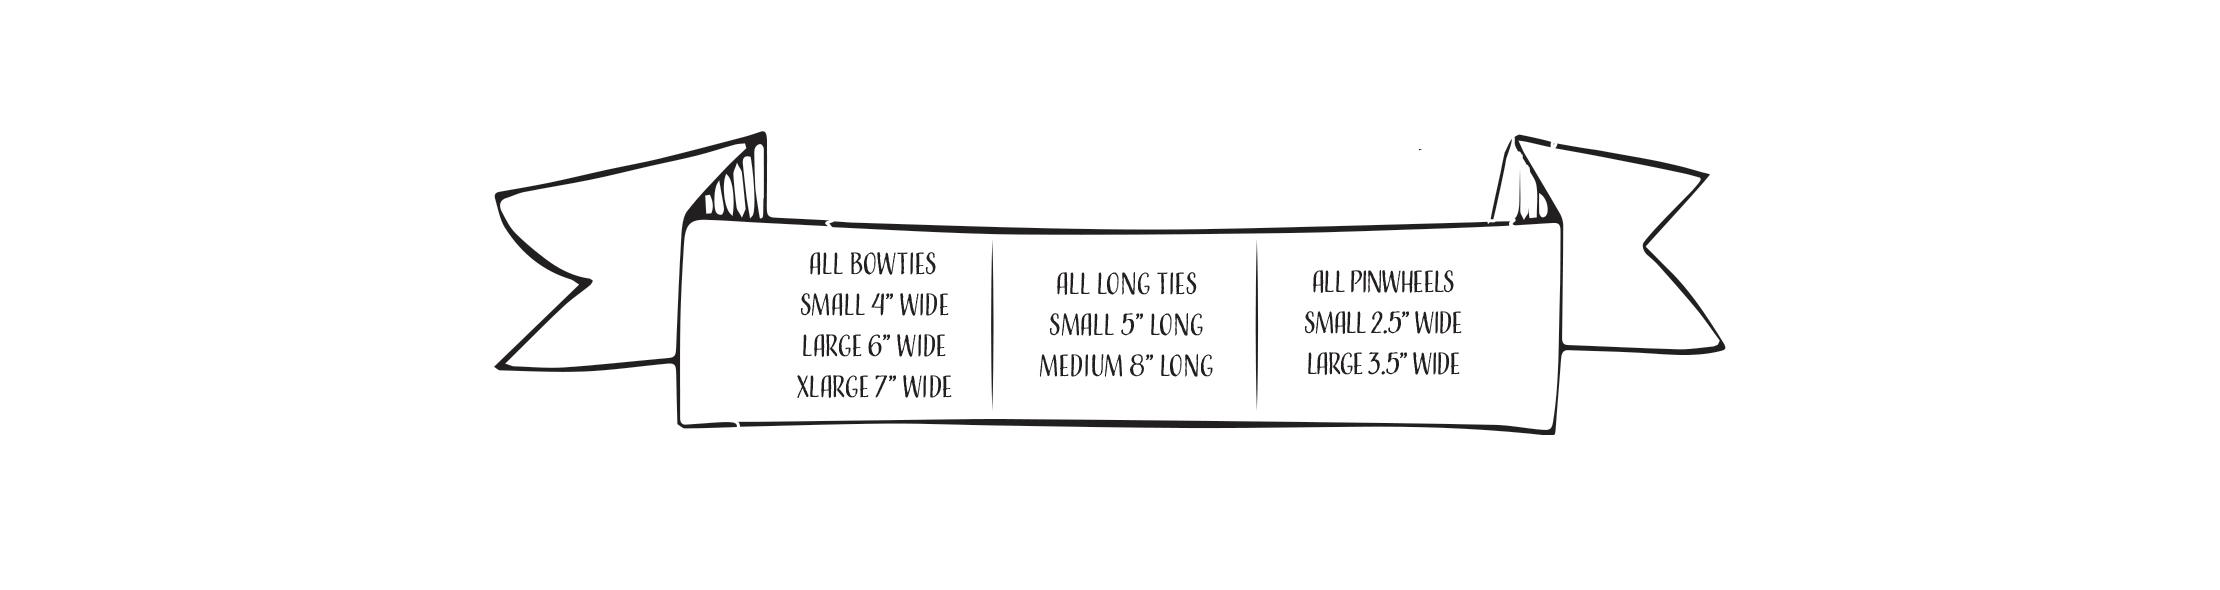 Nearwear size guide.jpg